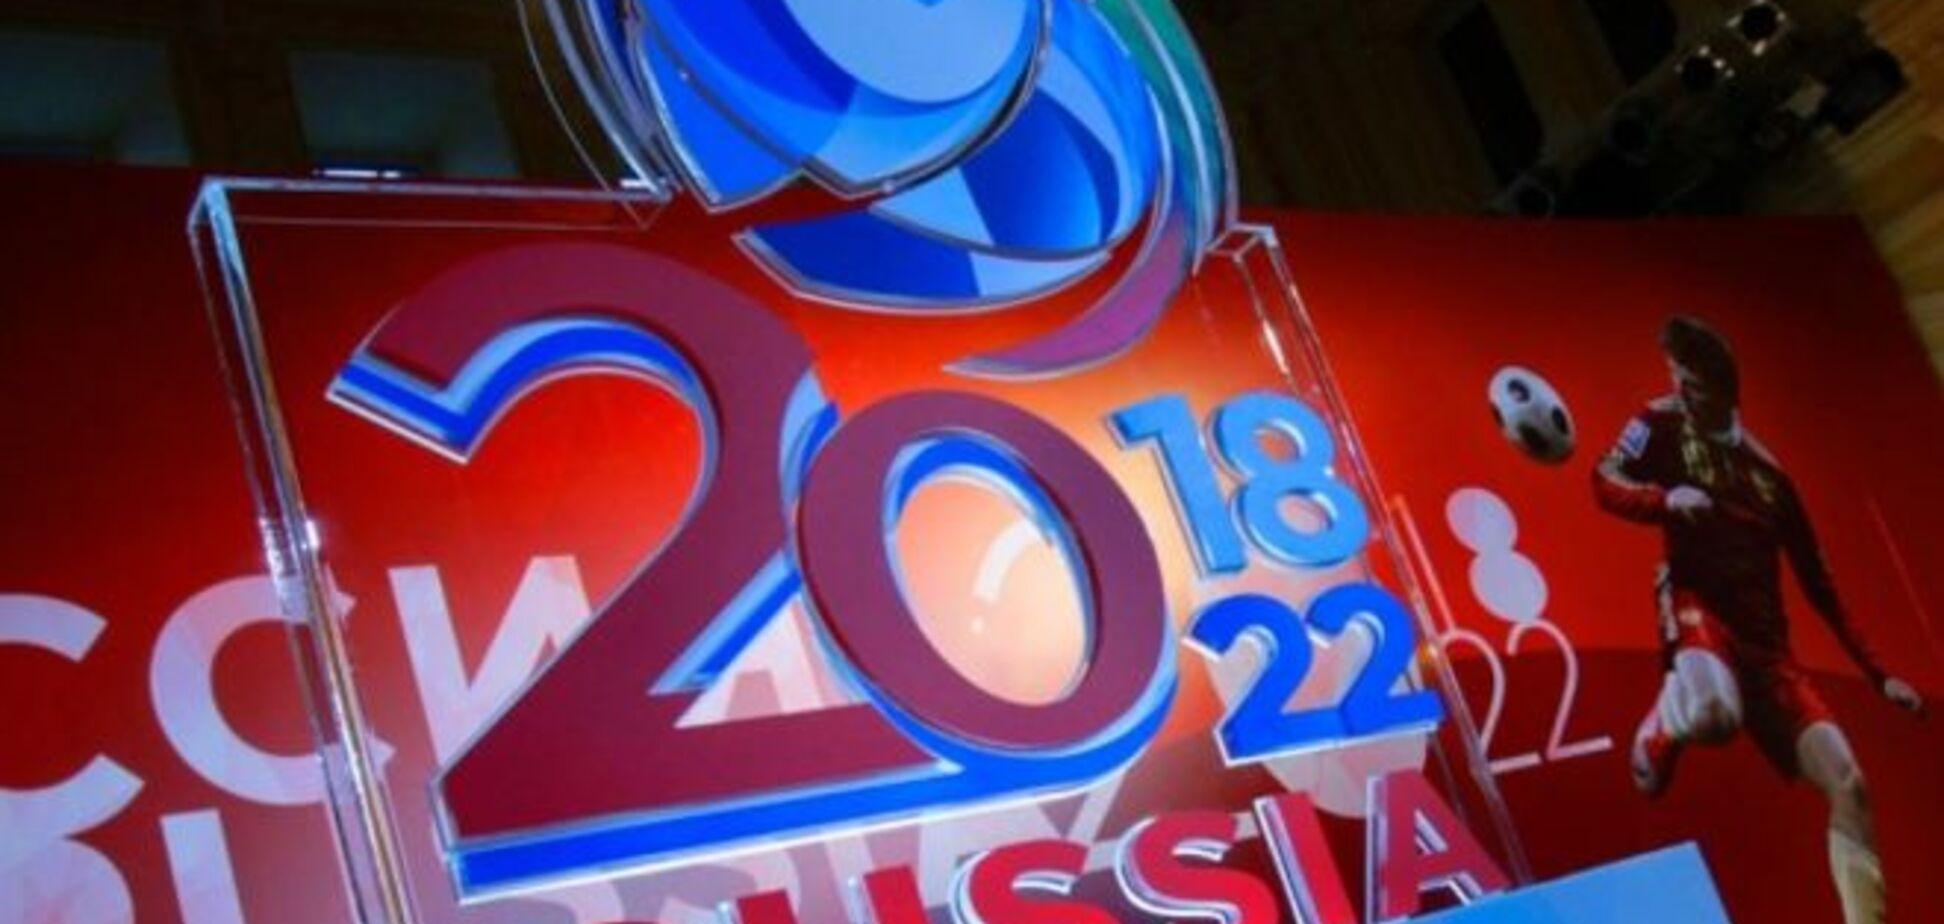 Американские сенаторы призвали ФИФА забрать у России чемпионат мира по футболу